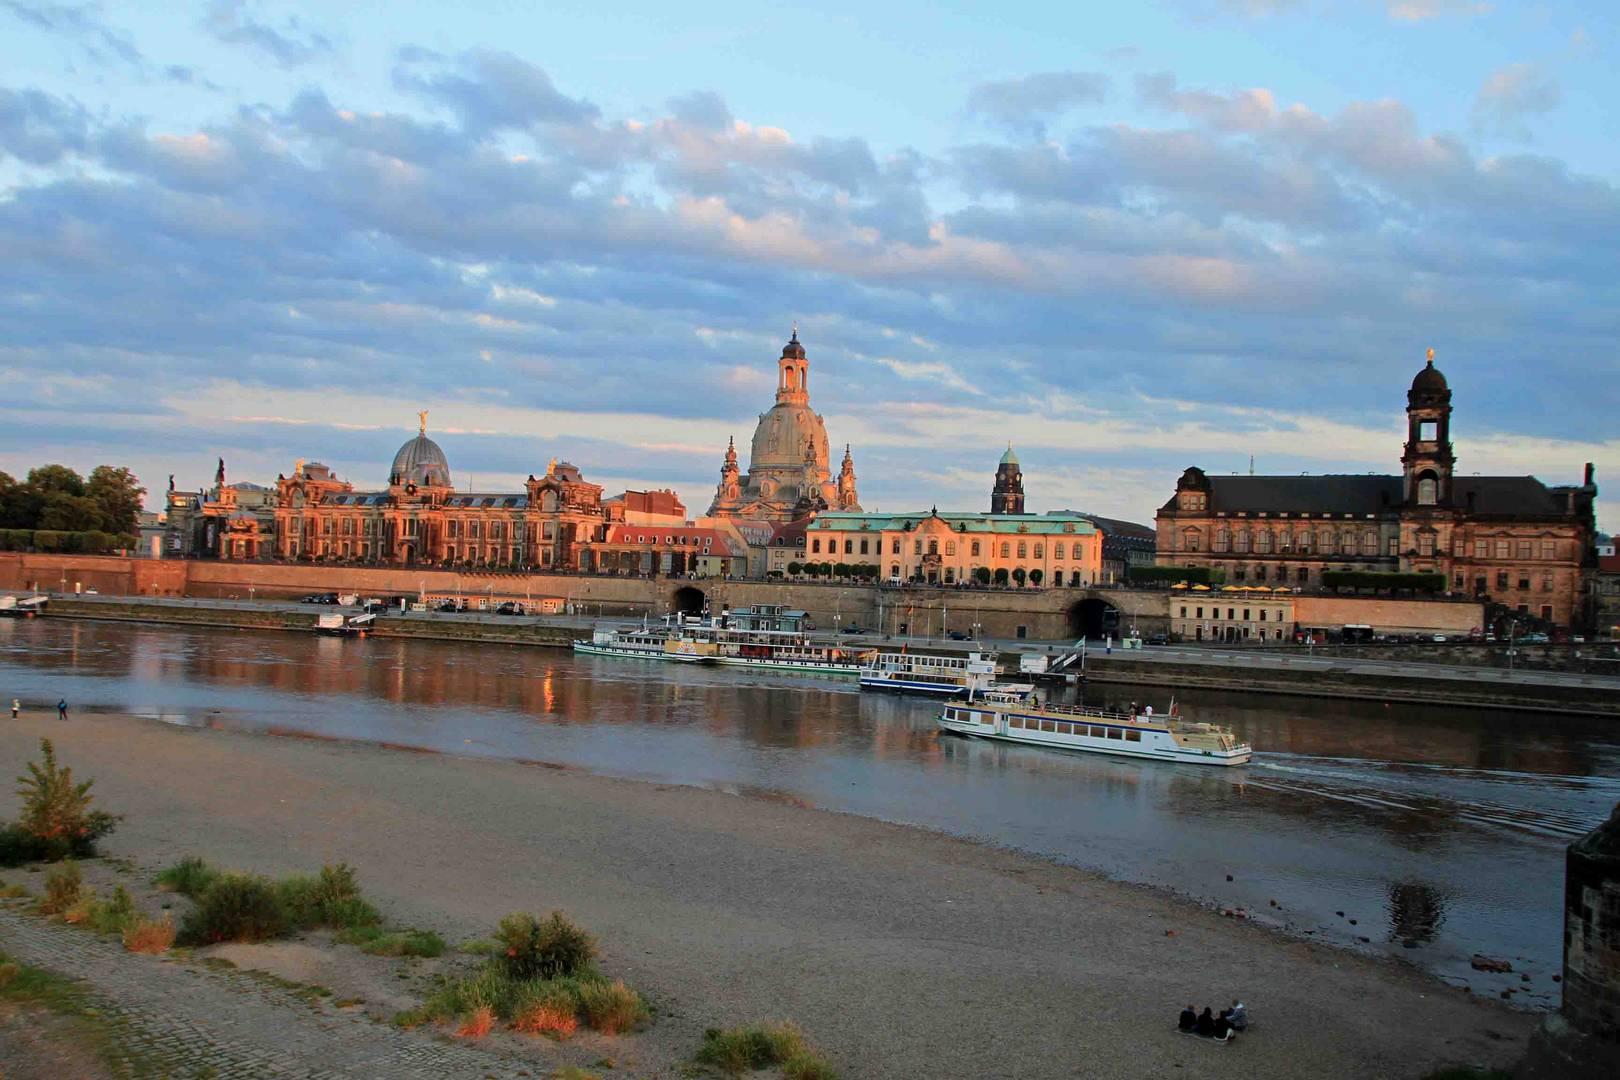 Zauber einer Stadt - Dresden